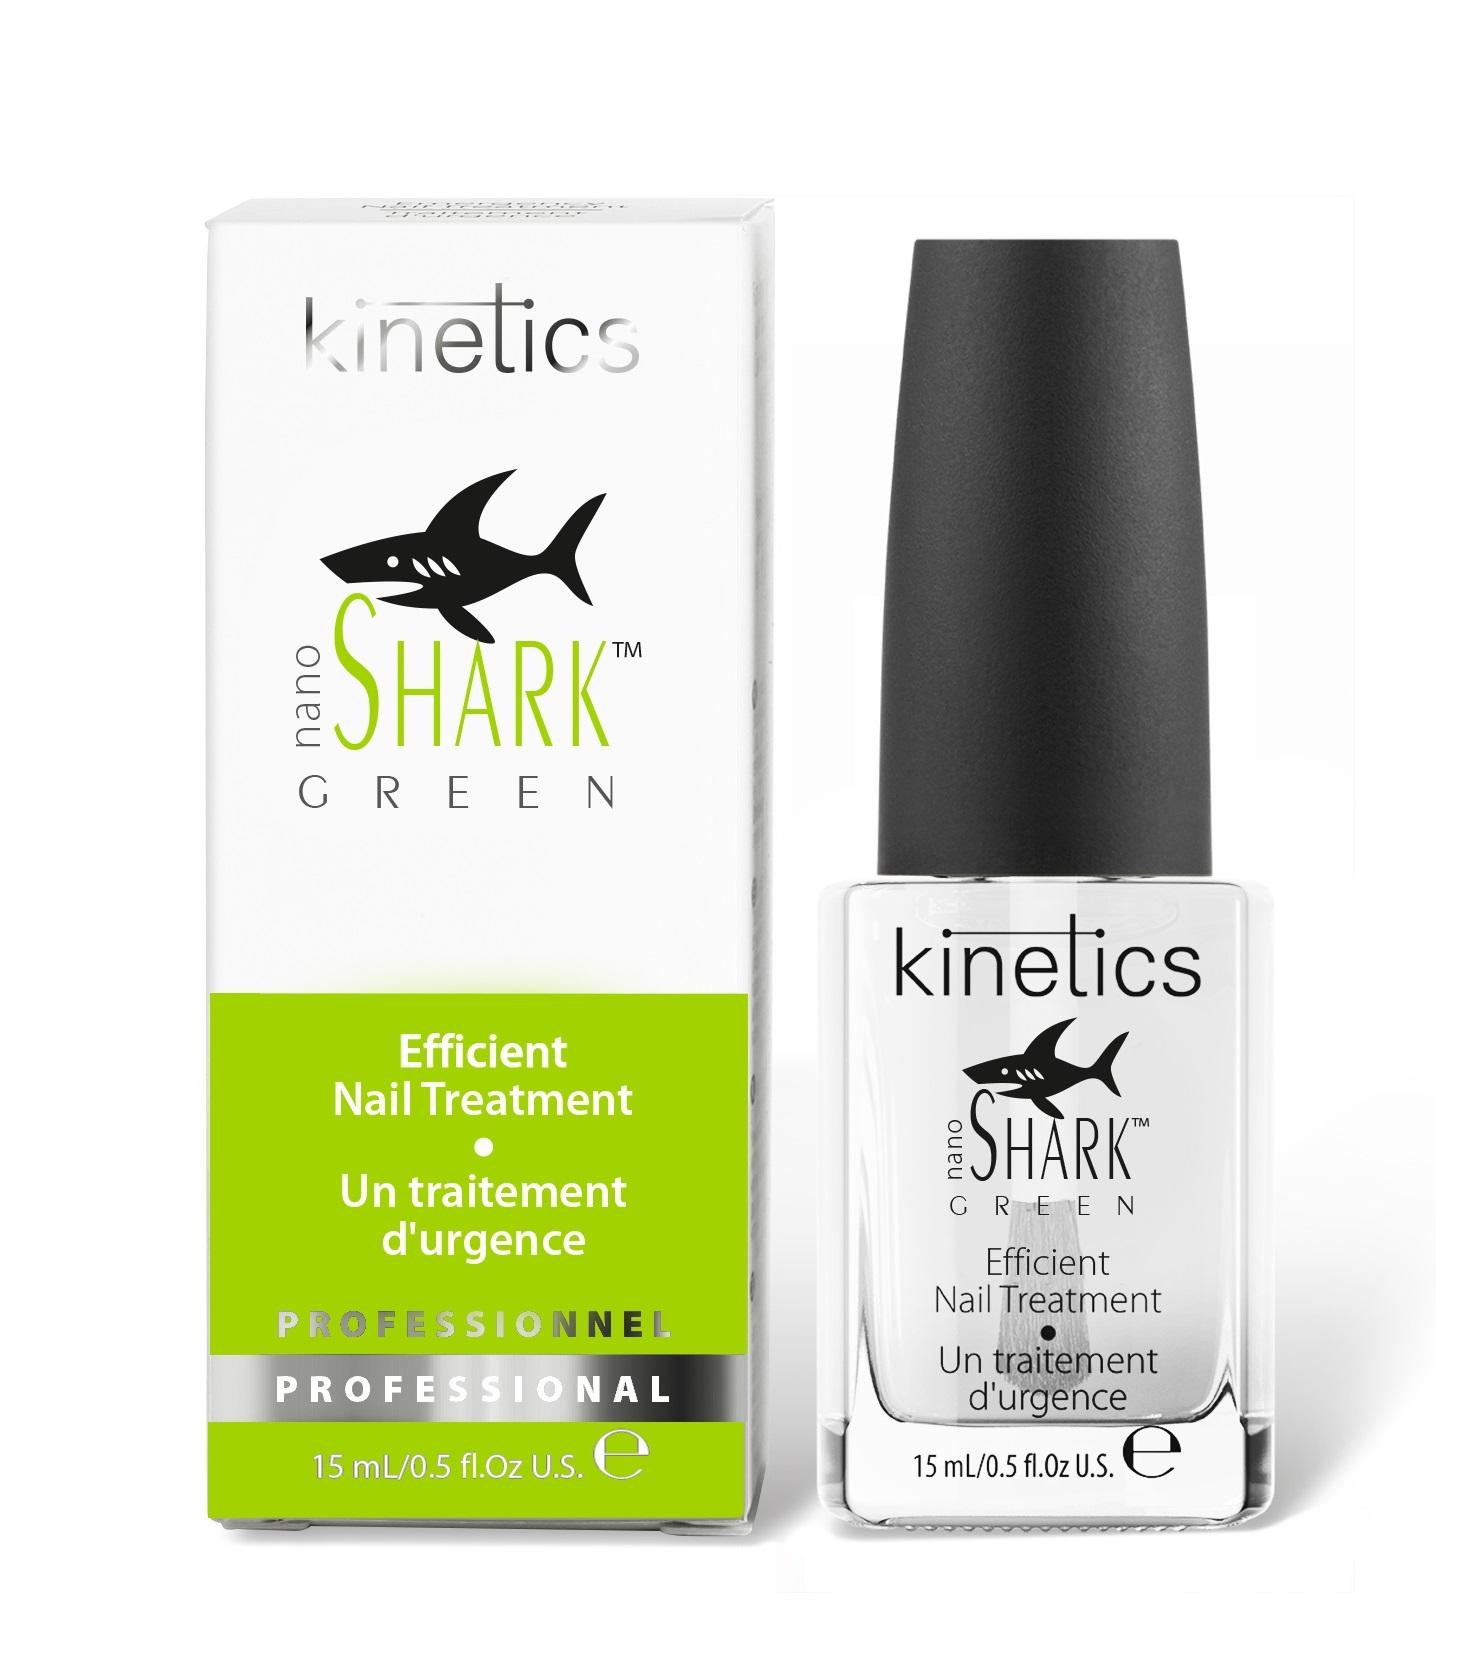 KINETICS Средство эффективное терапевтическое для поврежденных и слабых ногтей / Nano Green Shark, 15 мл